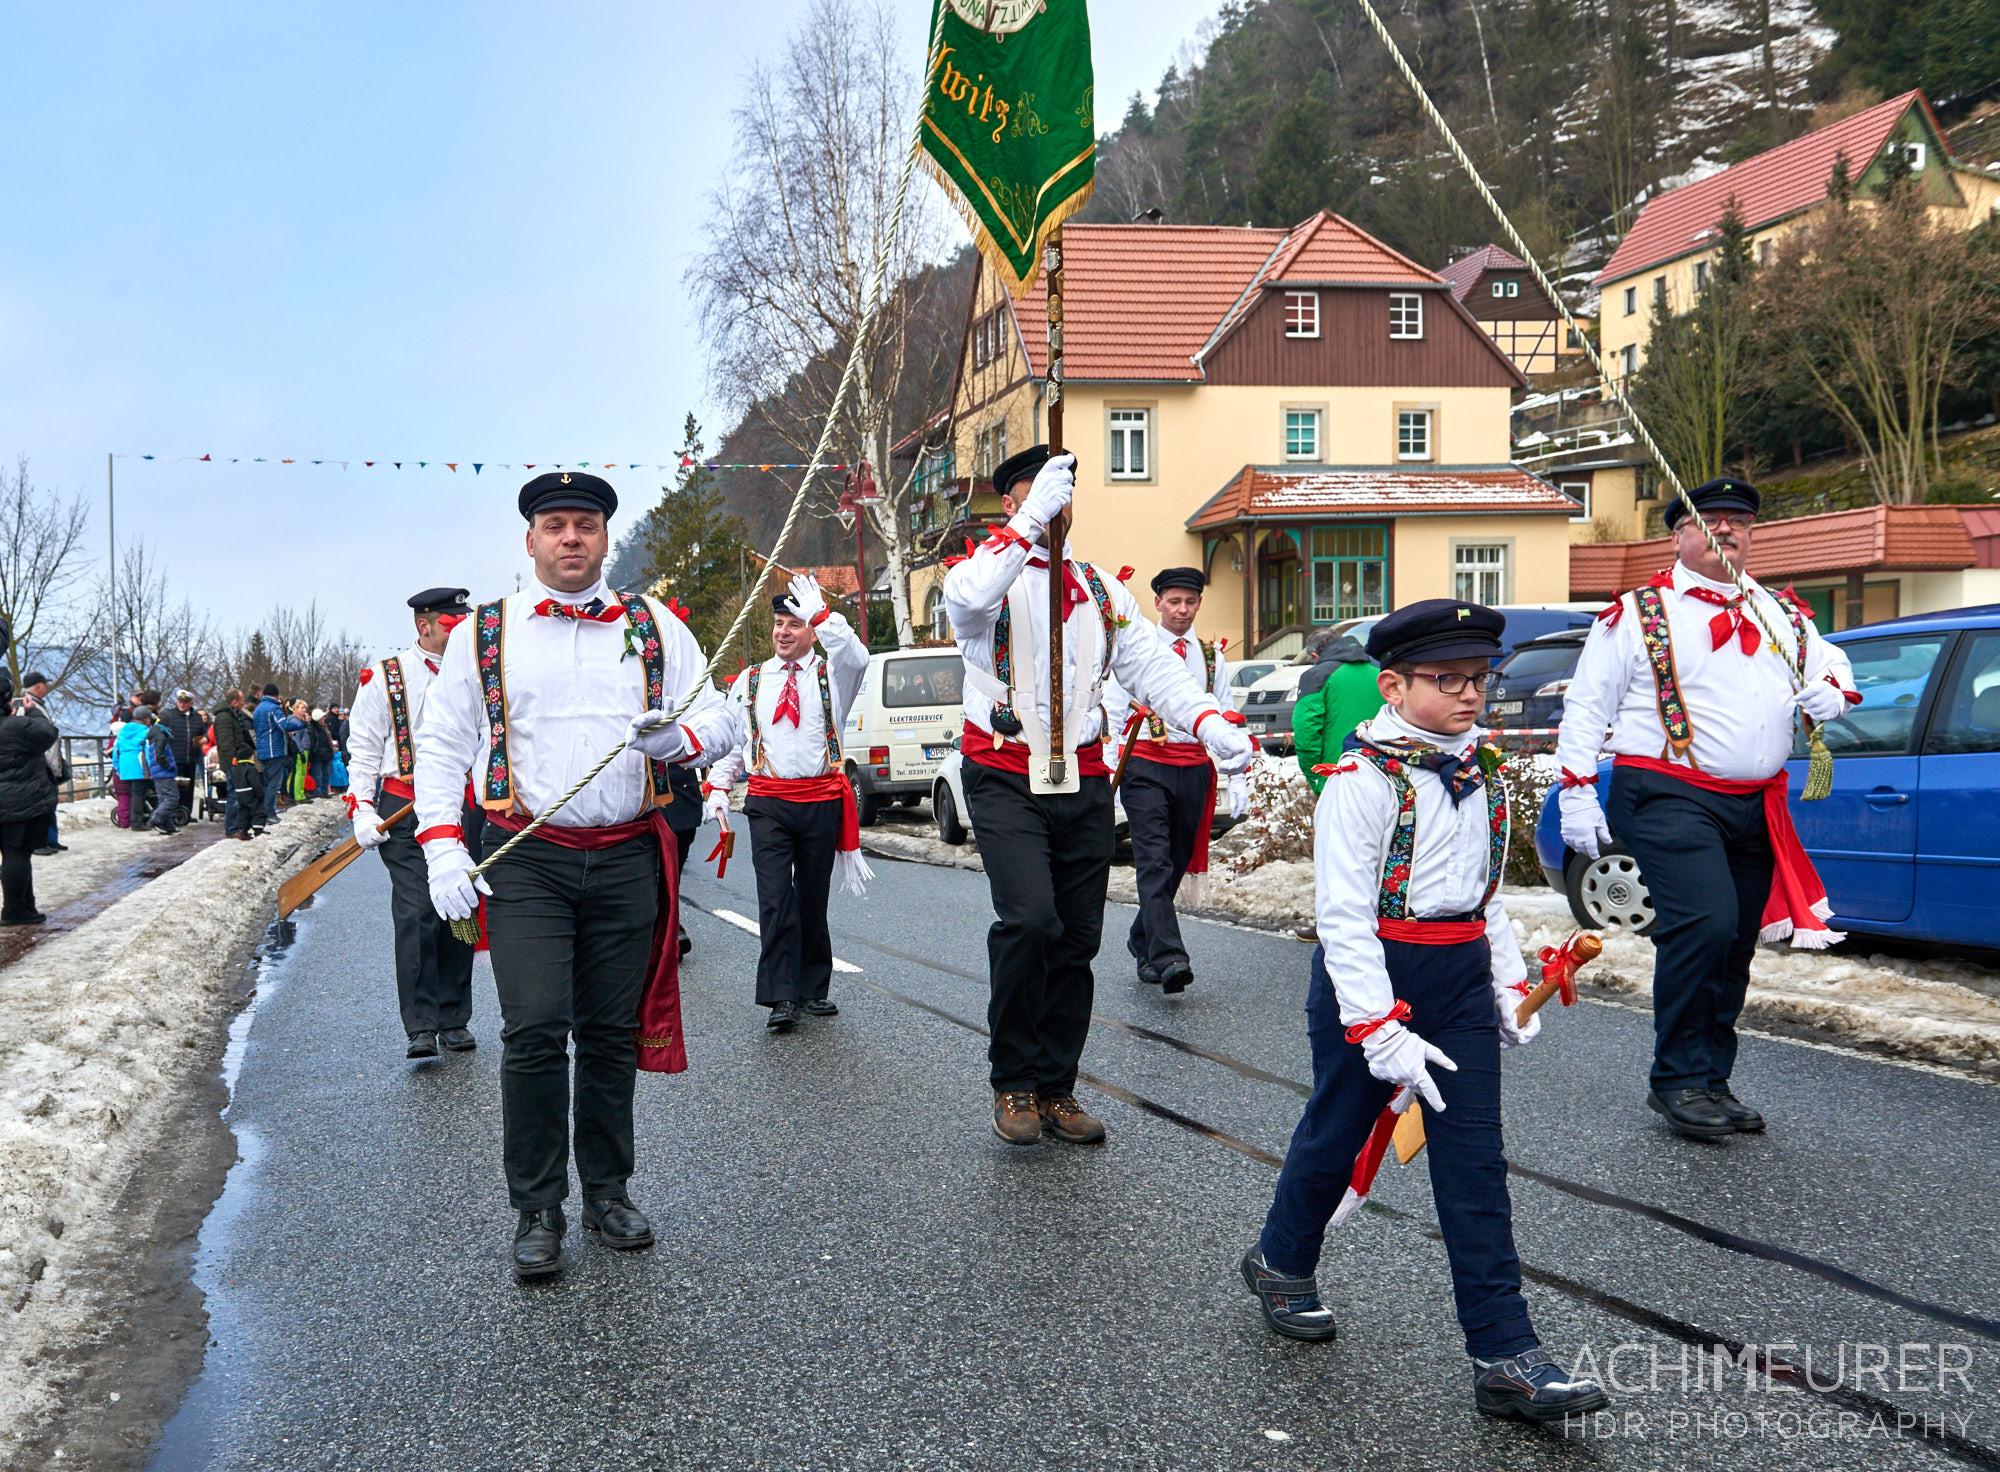 Schifferfastnacht-Postelwitz-Bad-Schandau-Saechsische-Schweiz-Sachsen_9987 by AchimMeurer.com .